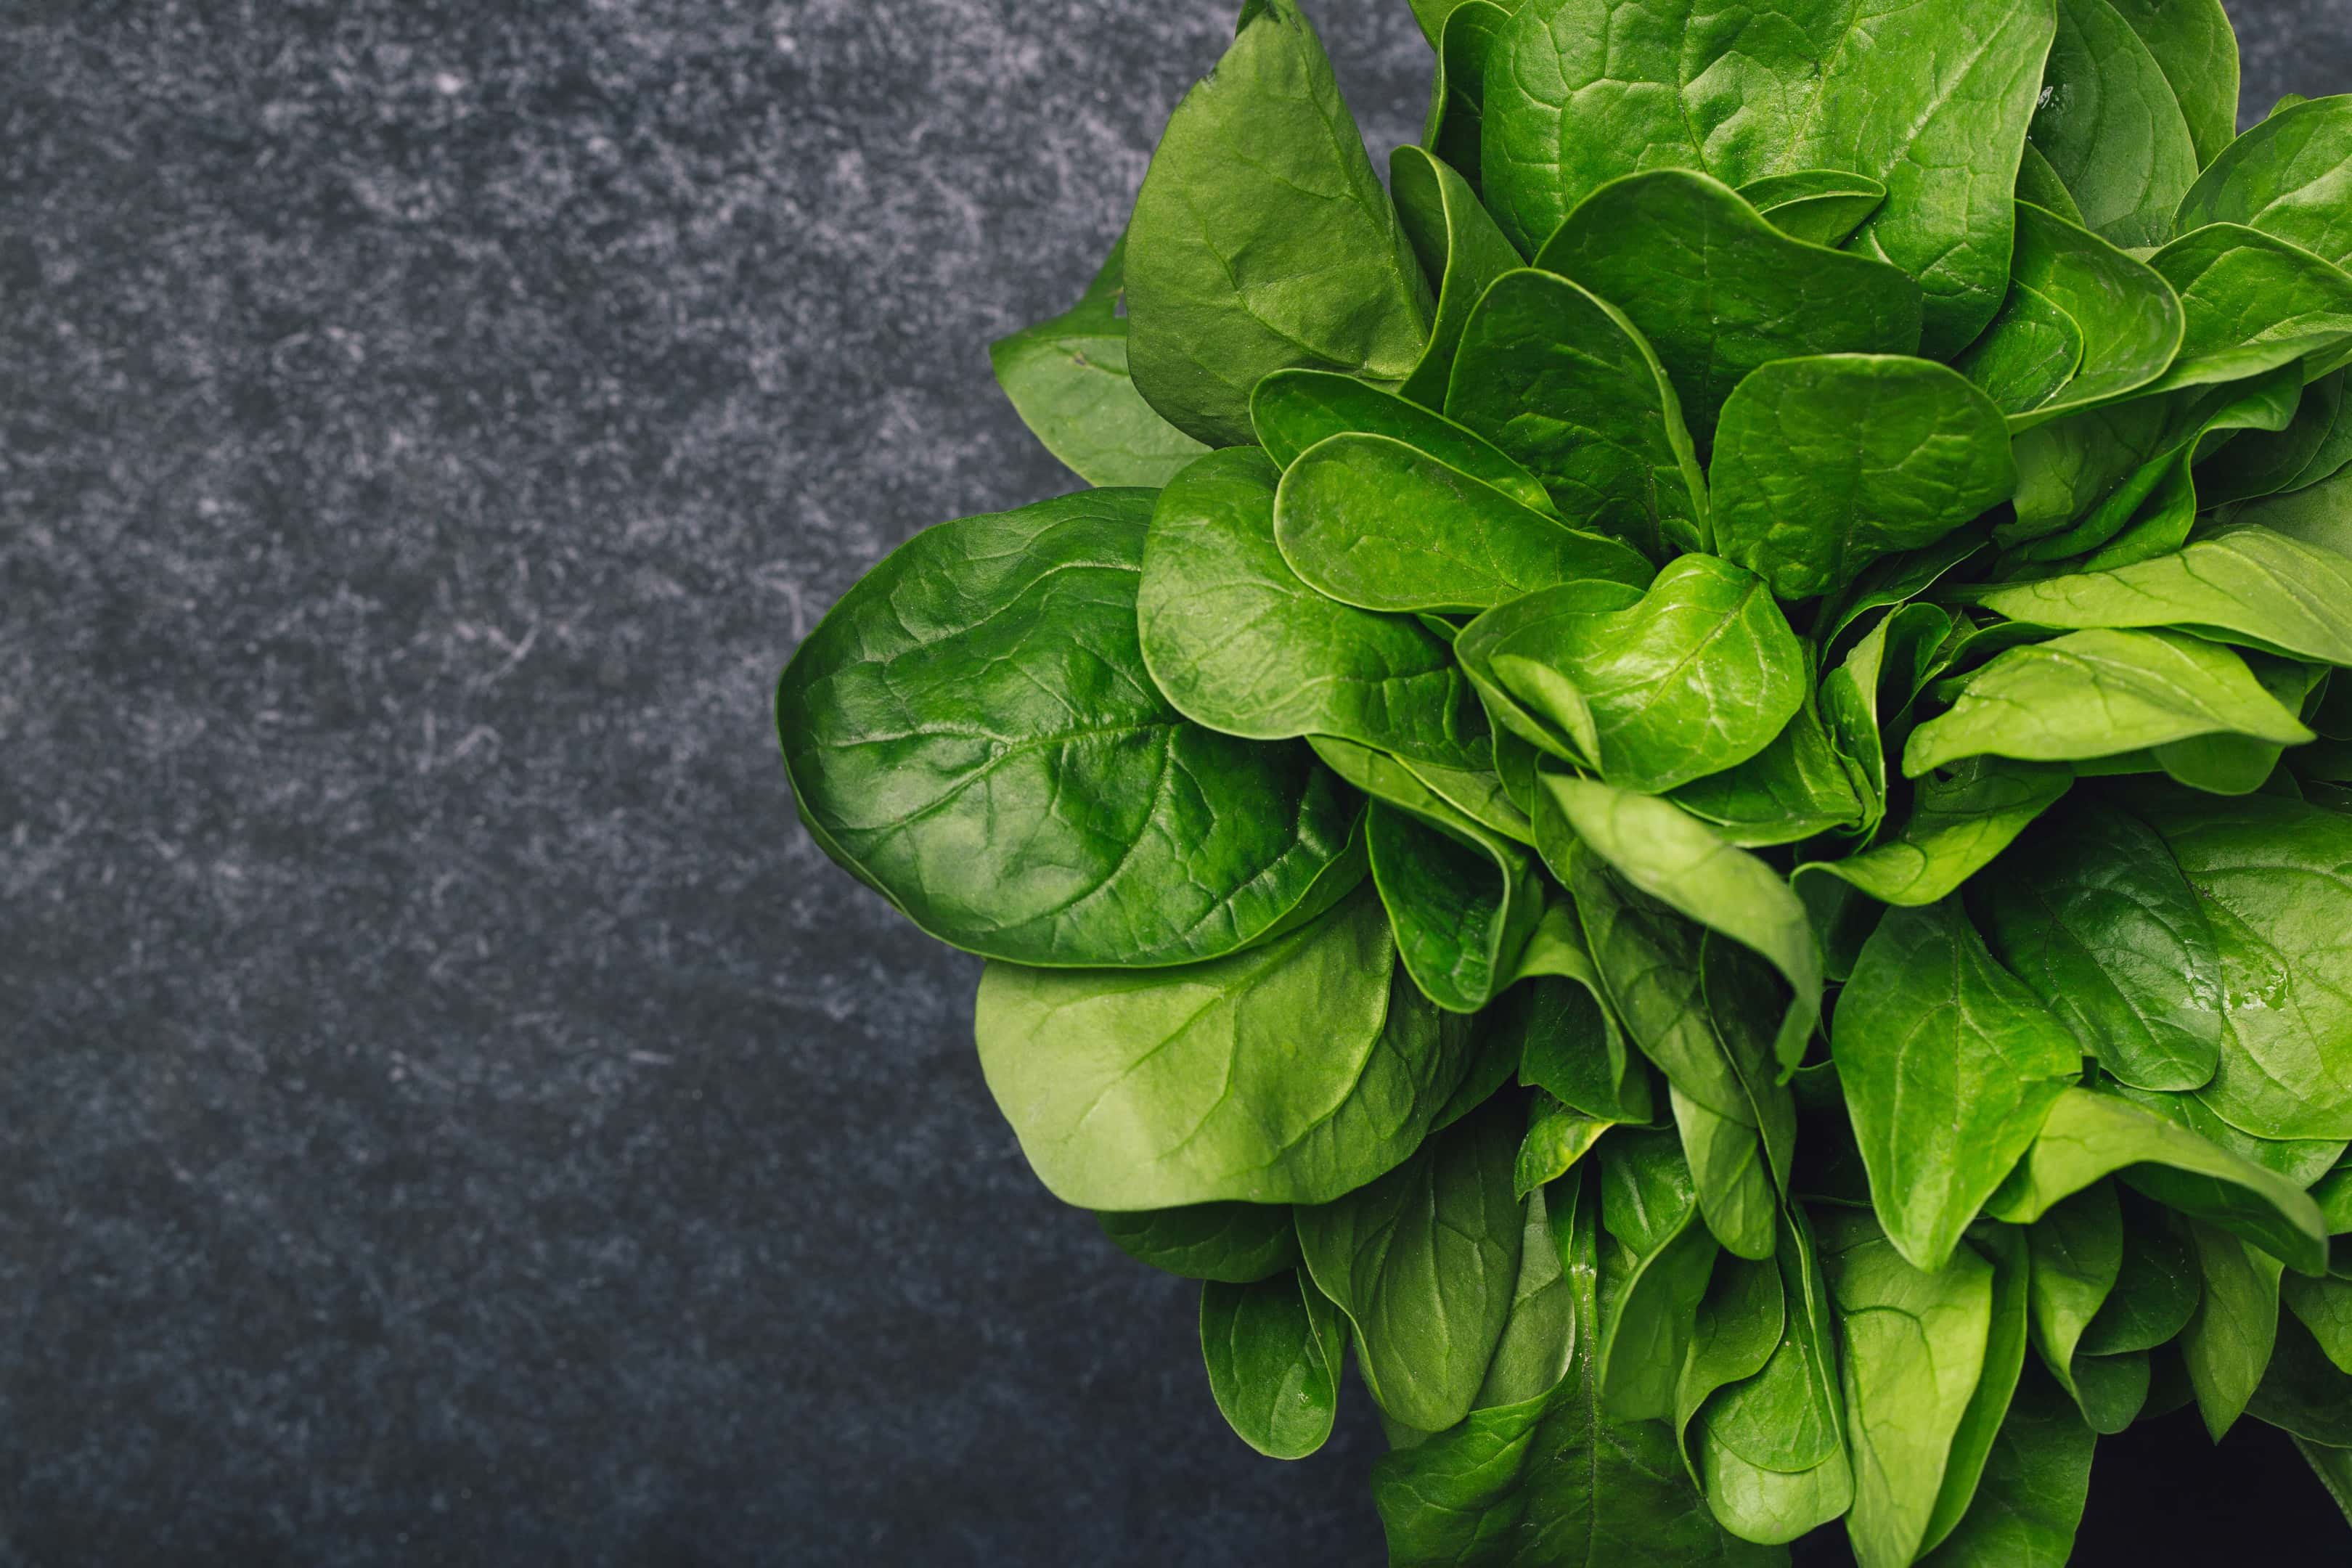 Fresh spinach on dark background